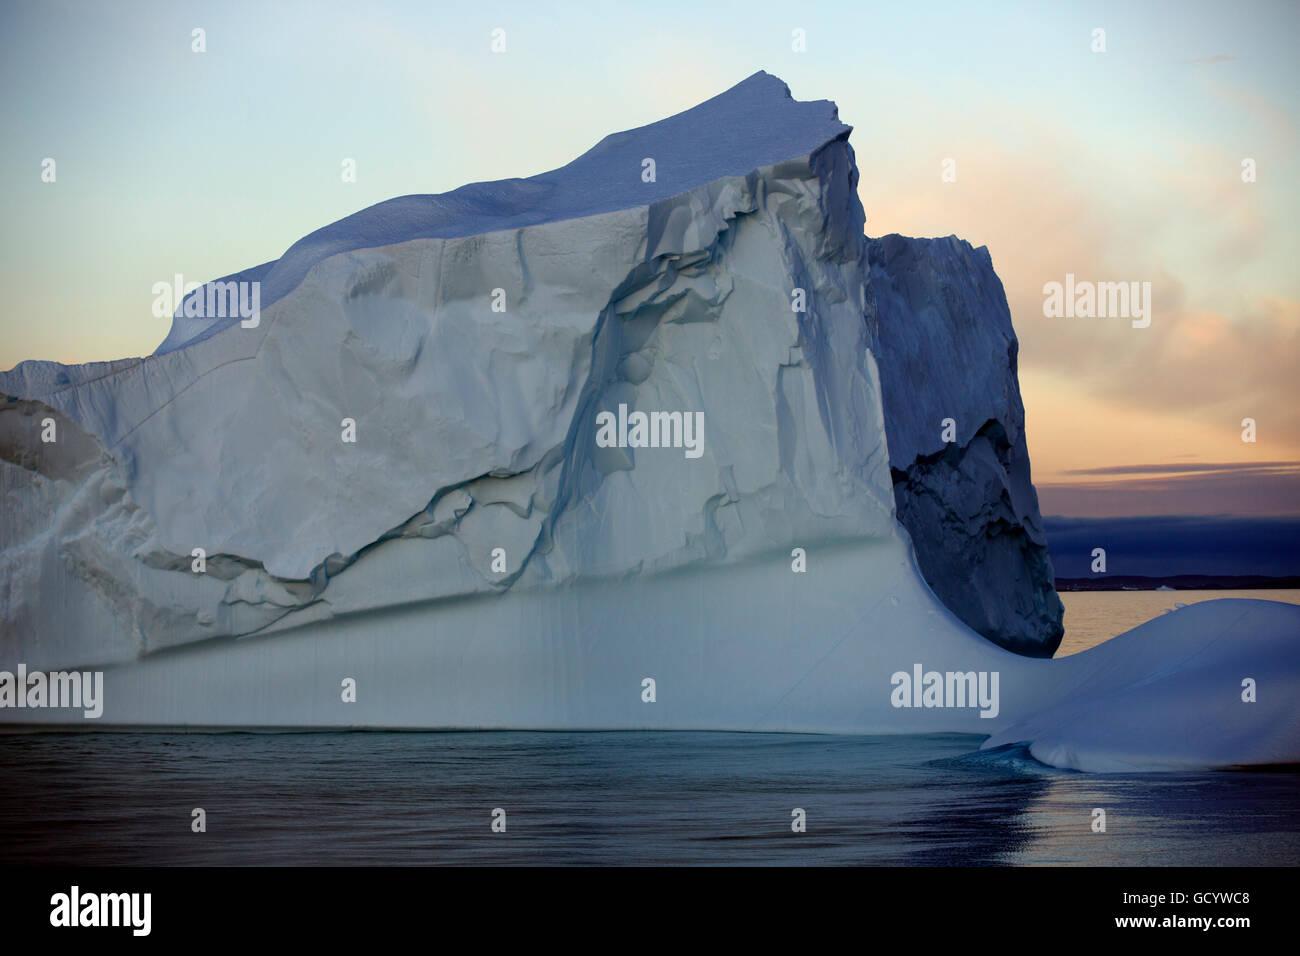 Sous le soleil de minuit Iceberg au large de la côte ouest du Groenland Photo Stock